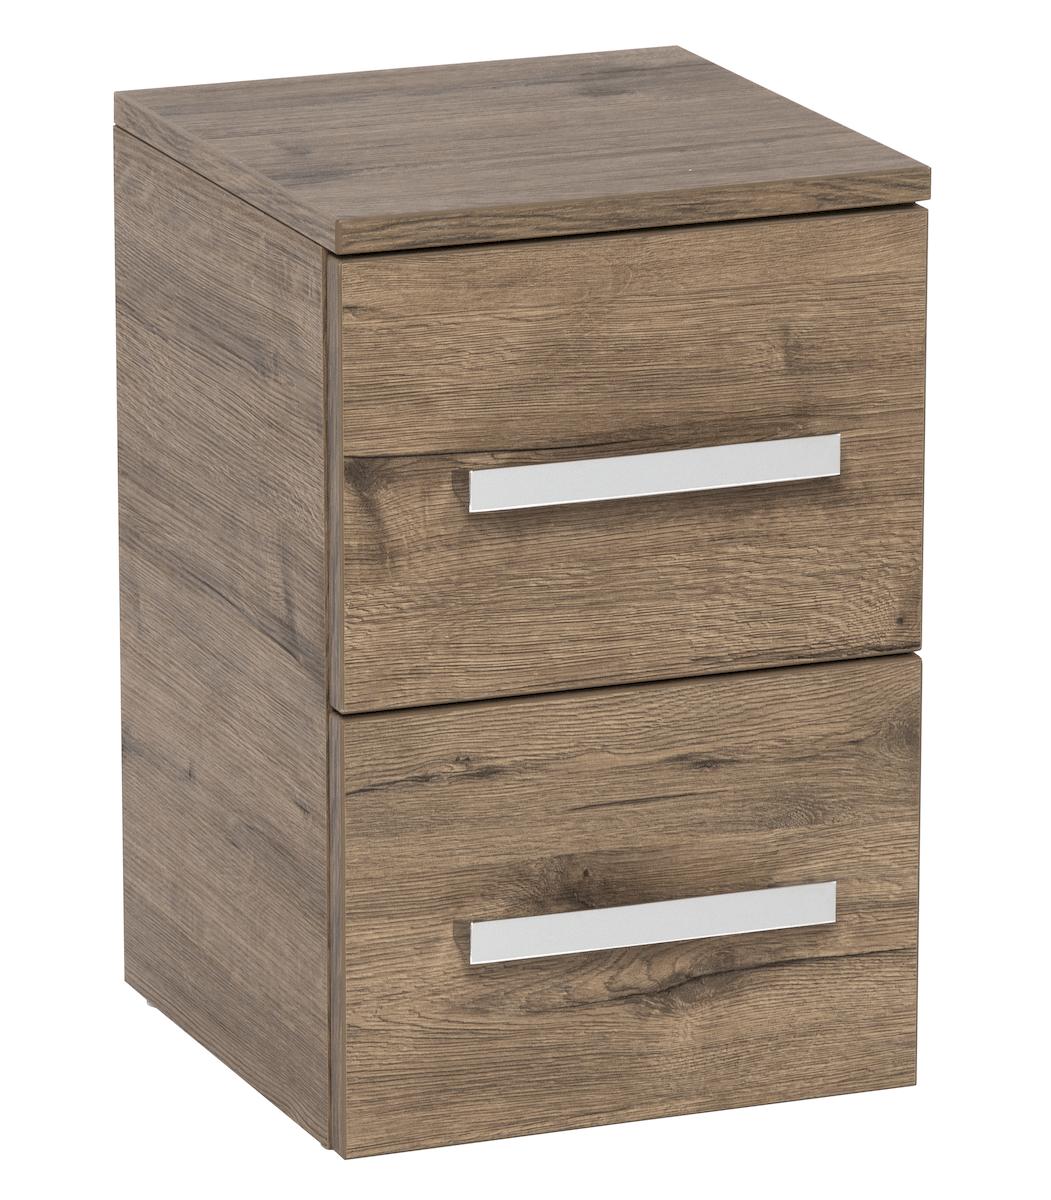 Koupelnová skříňka nízká Naturel Cube Way 32,5x33 cm dub wellington CUBE2N32DW